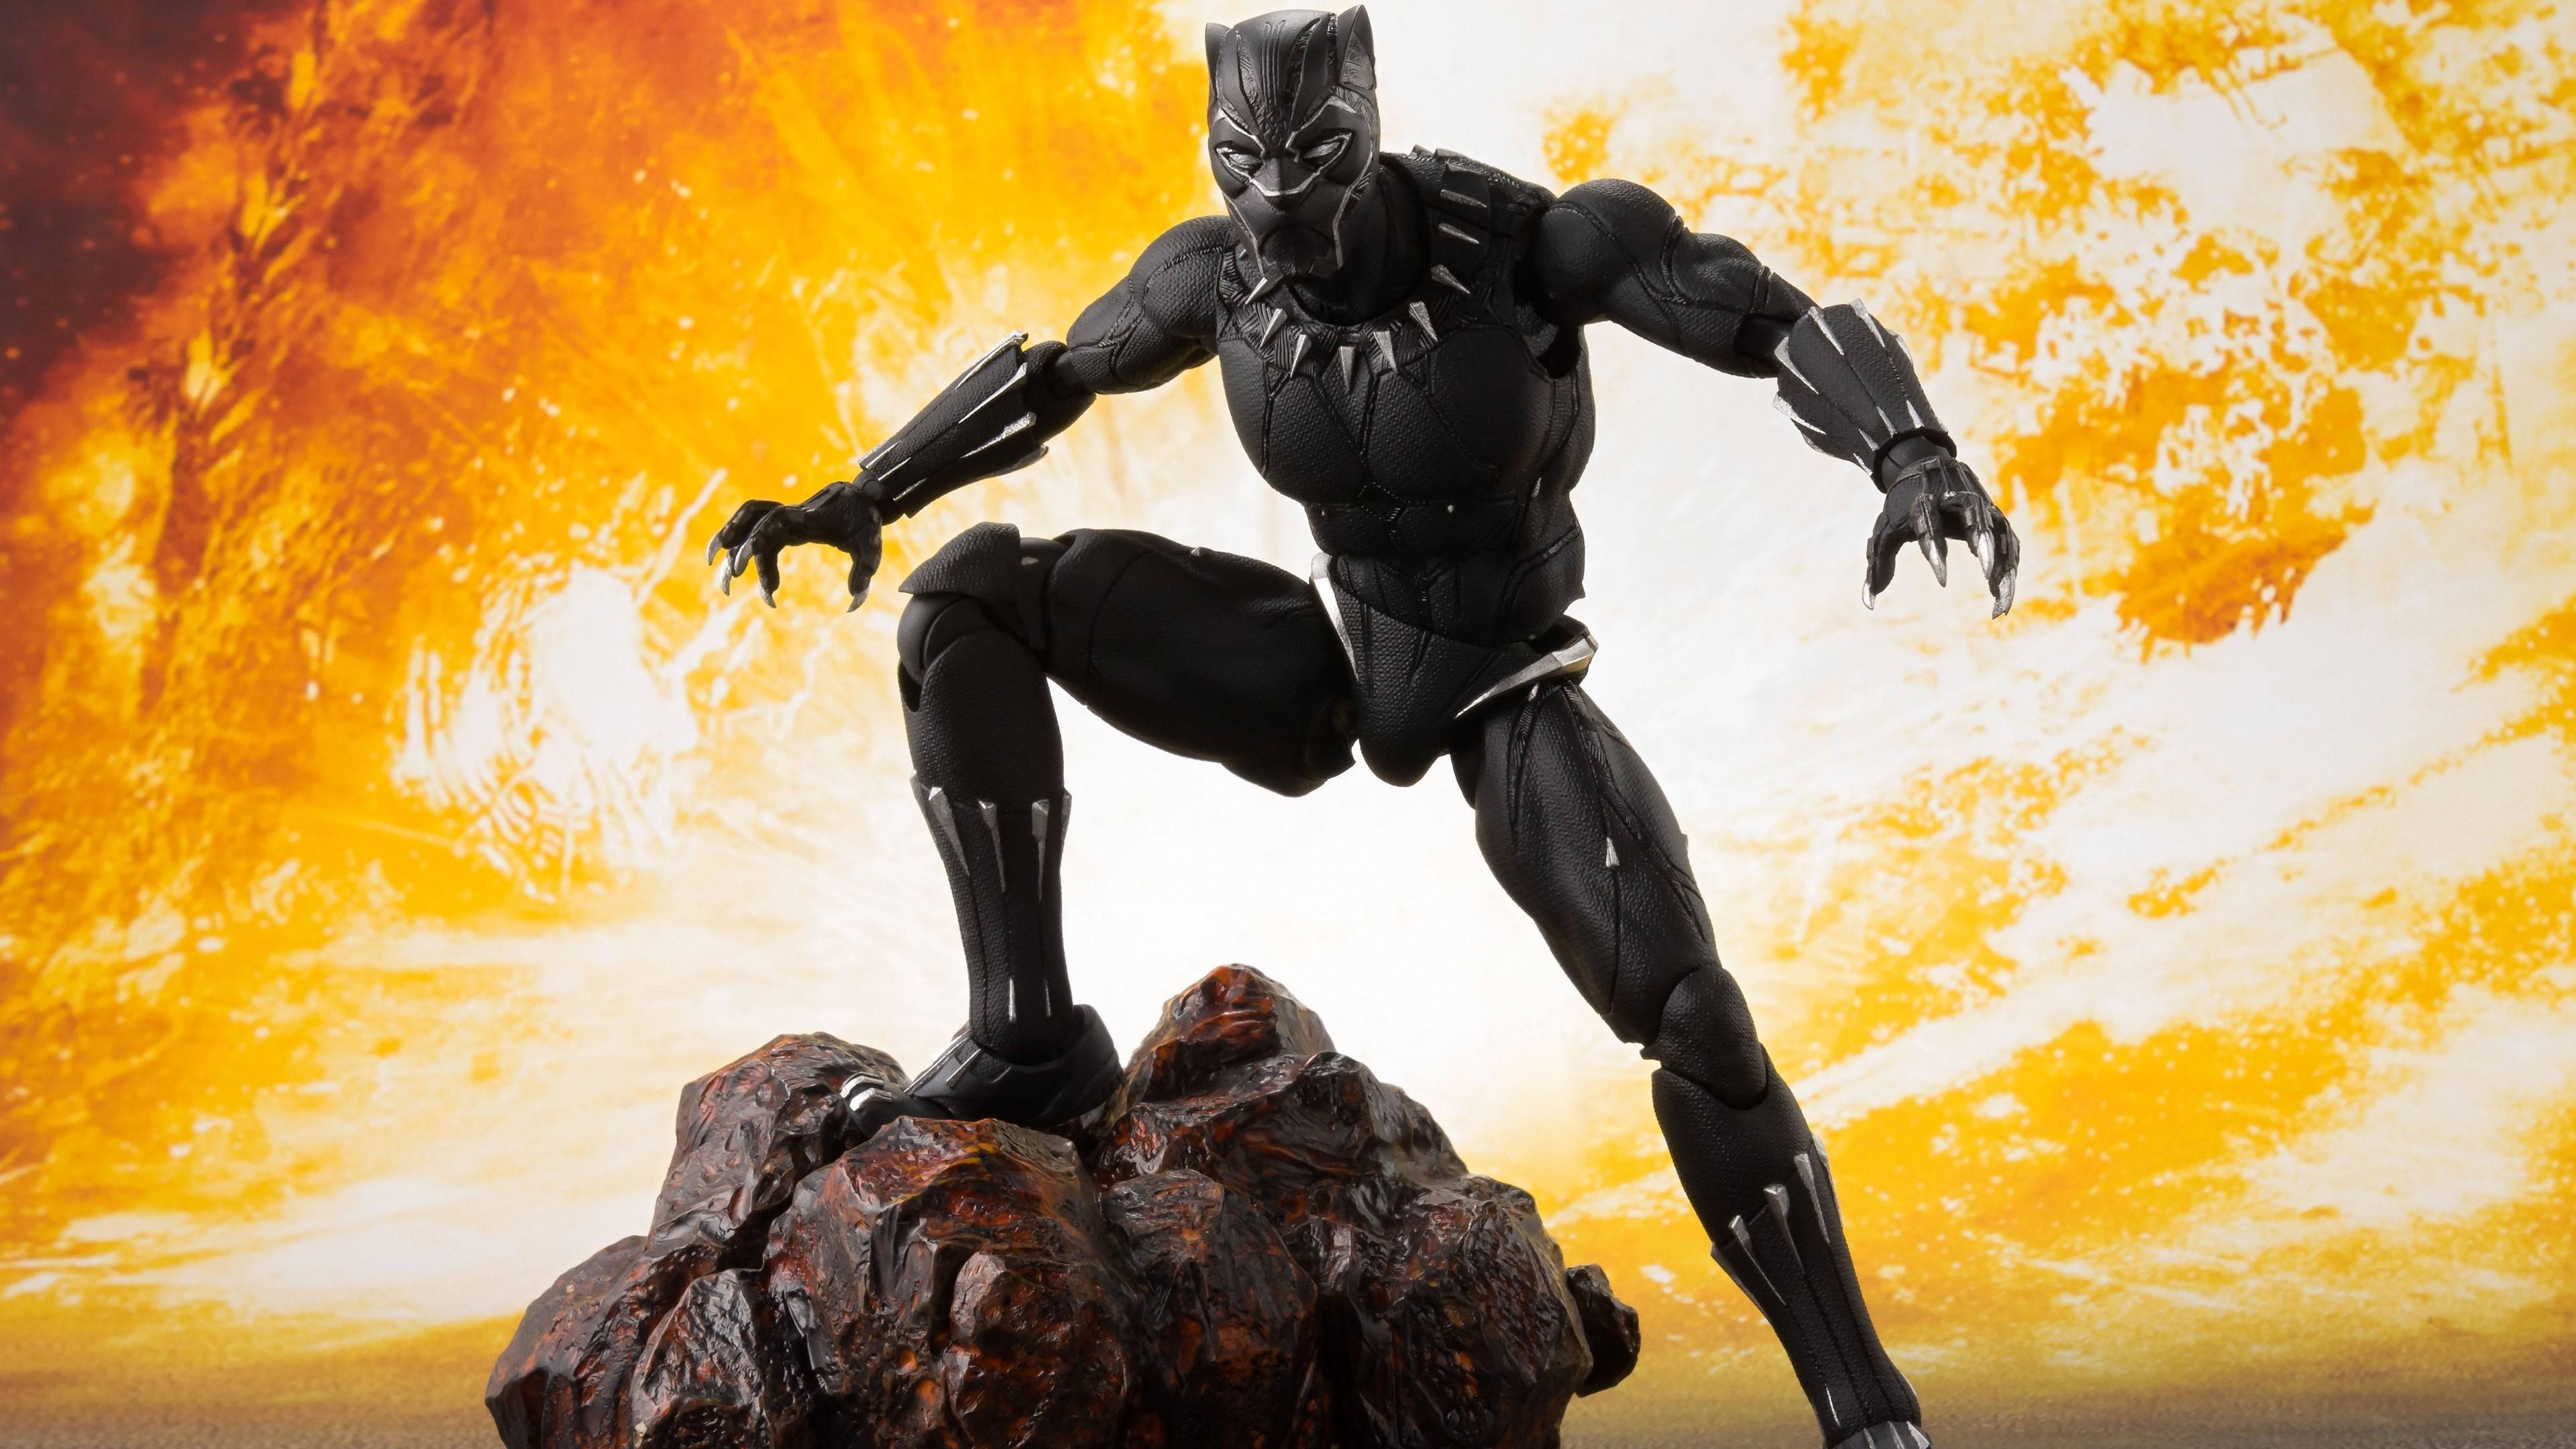 Человек-Пантера в маске и острыми когтями в огненном кольце